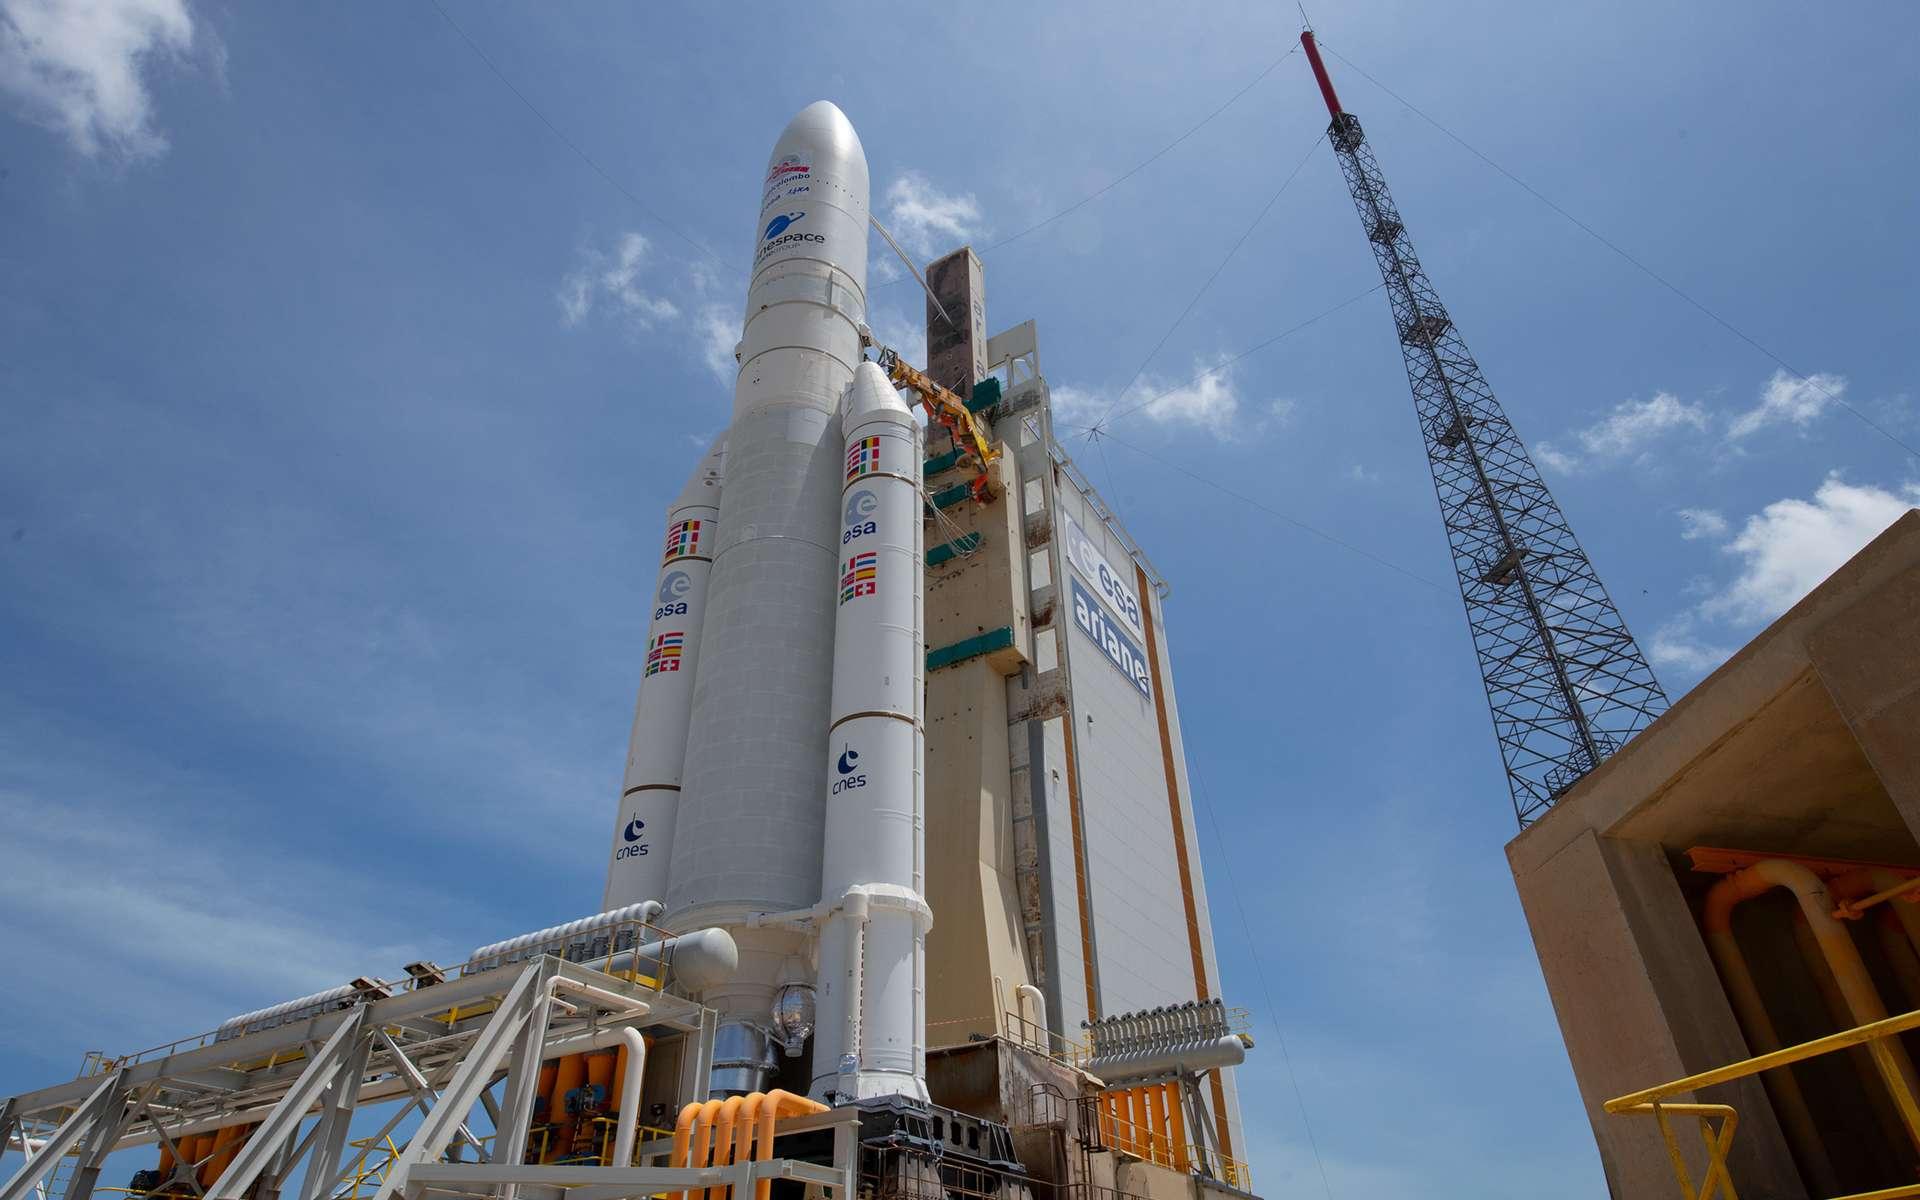 Une Ariane 5 sur son pas de tir du Centre spatial guyanais. © ESA, S. Corvaja